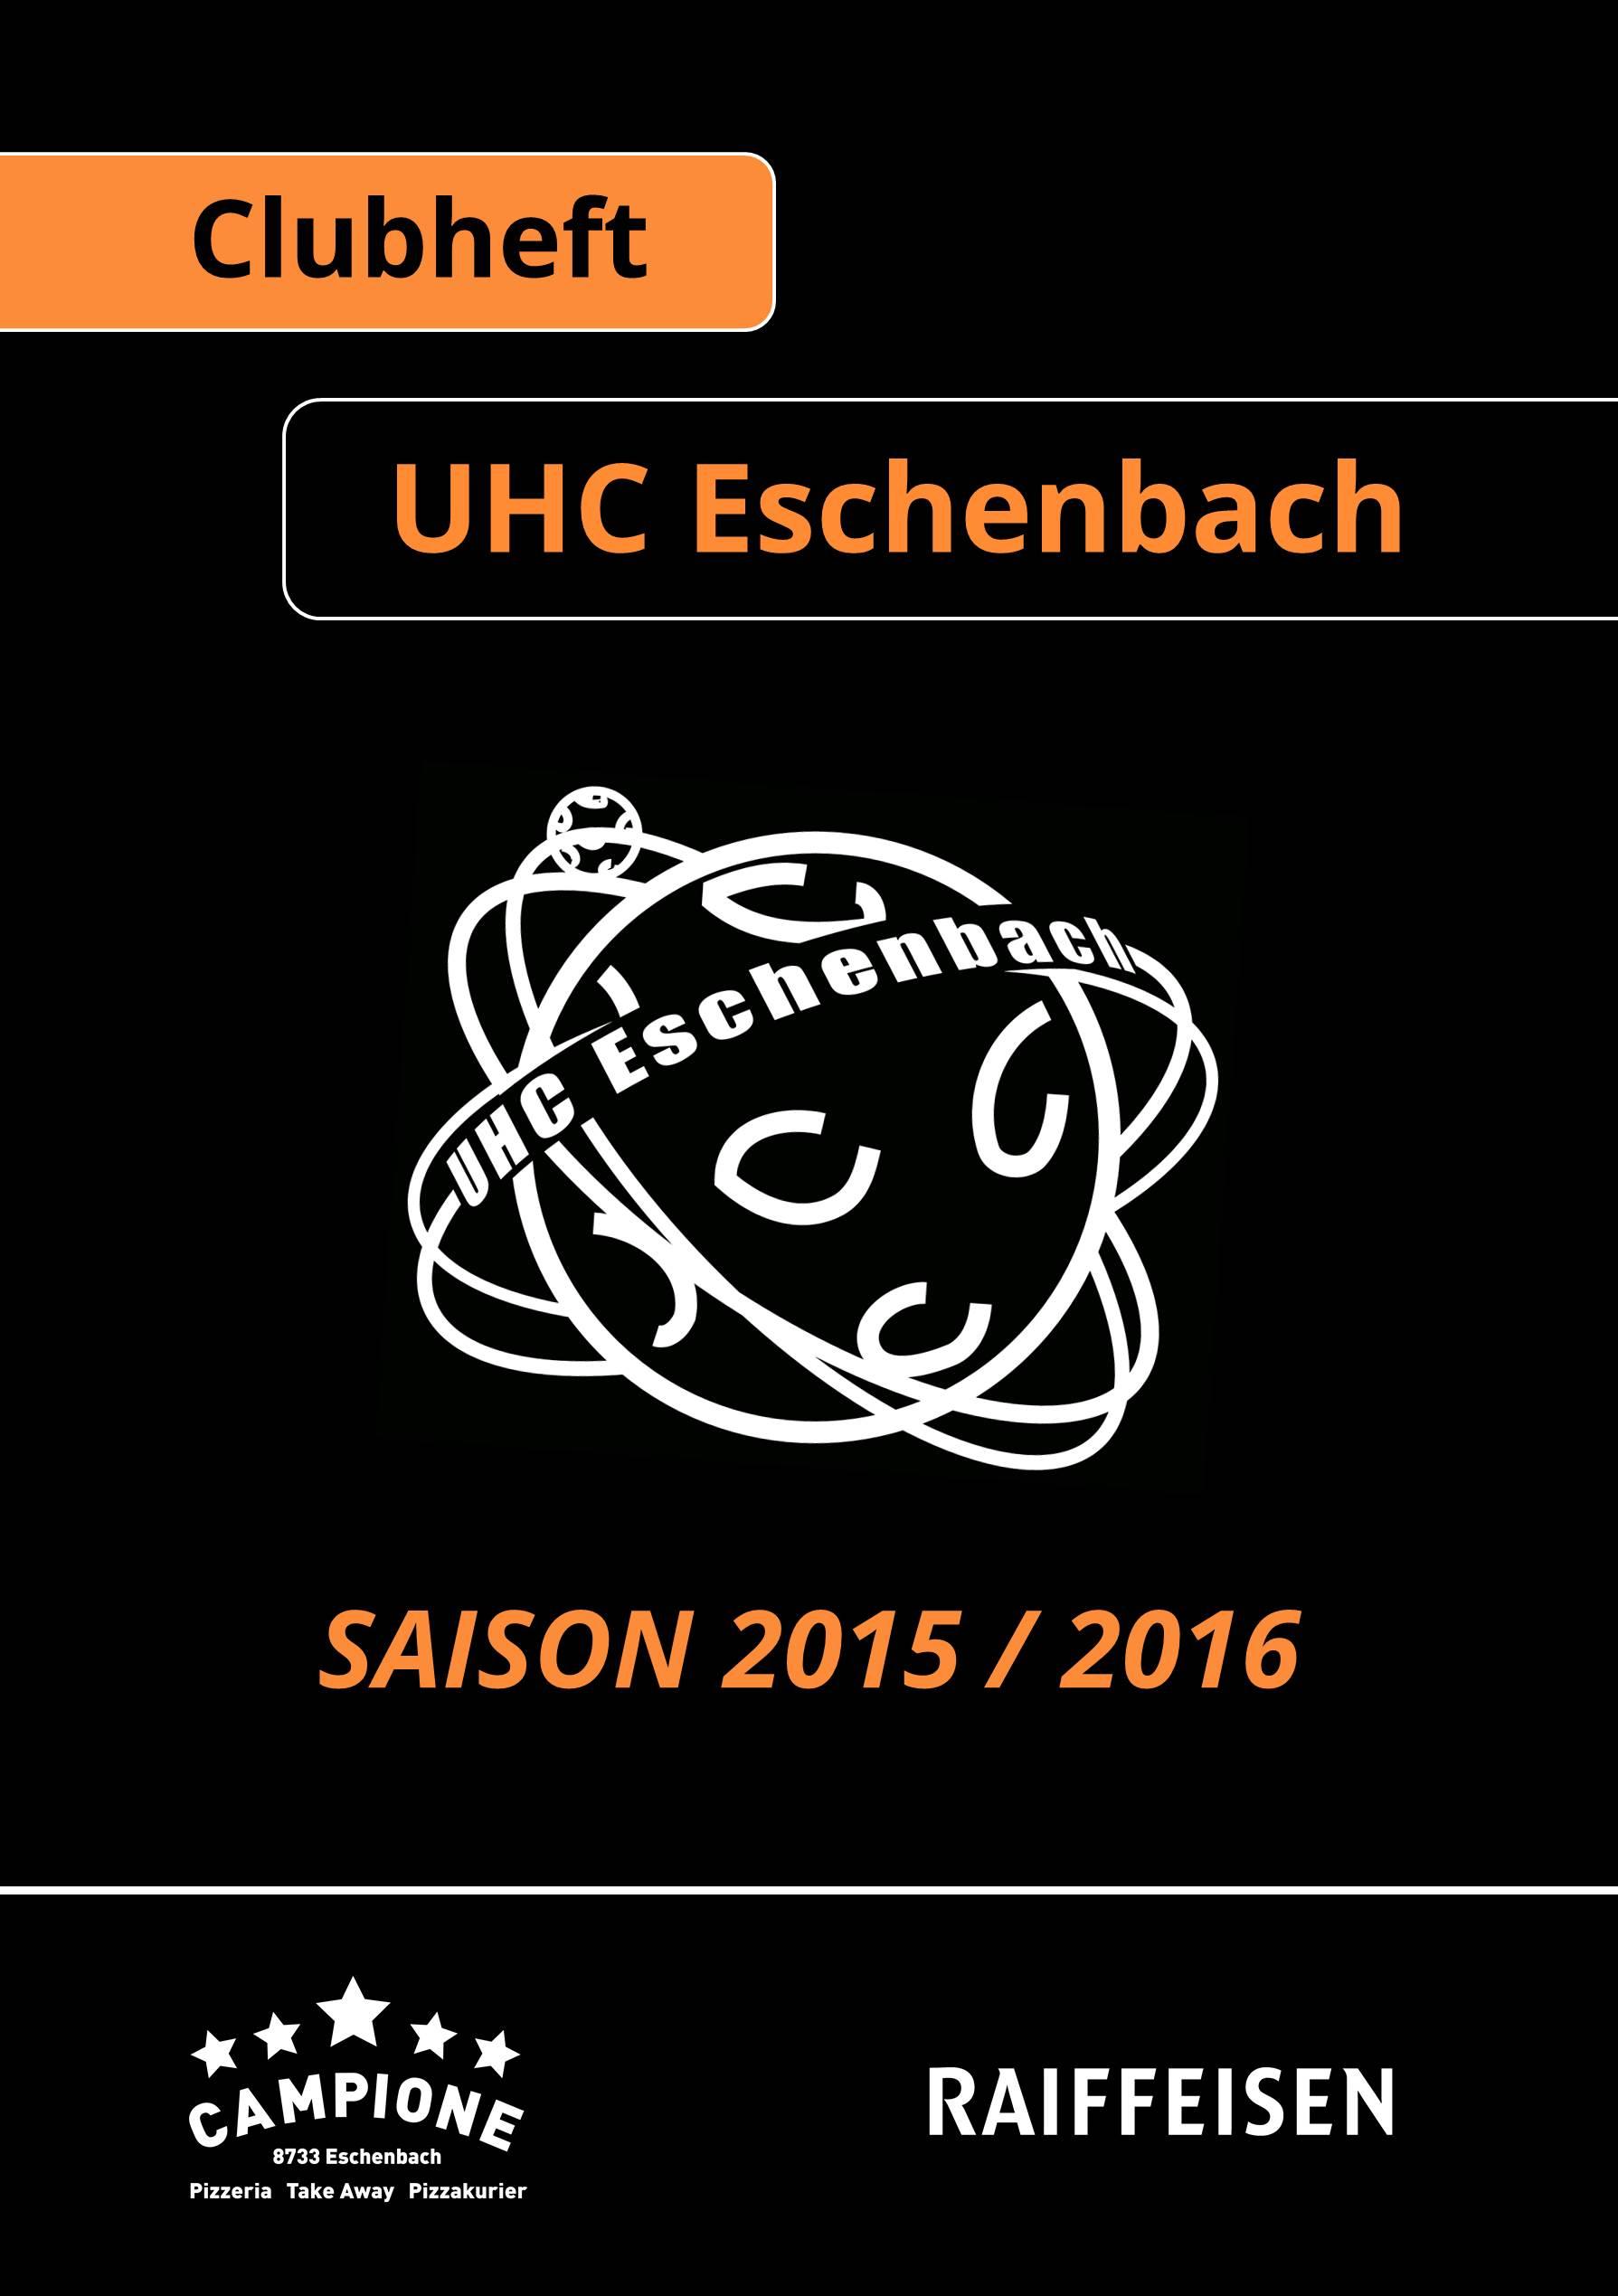 Clubheft Saison 2016/2017